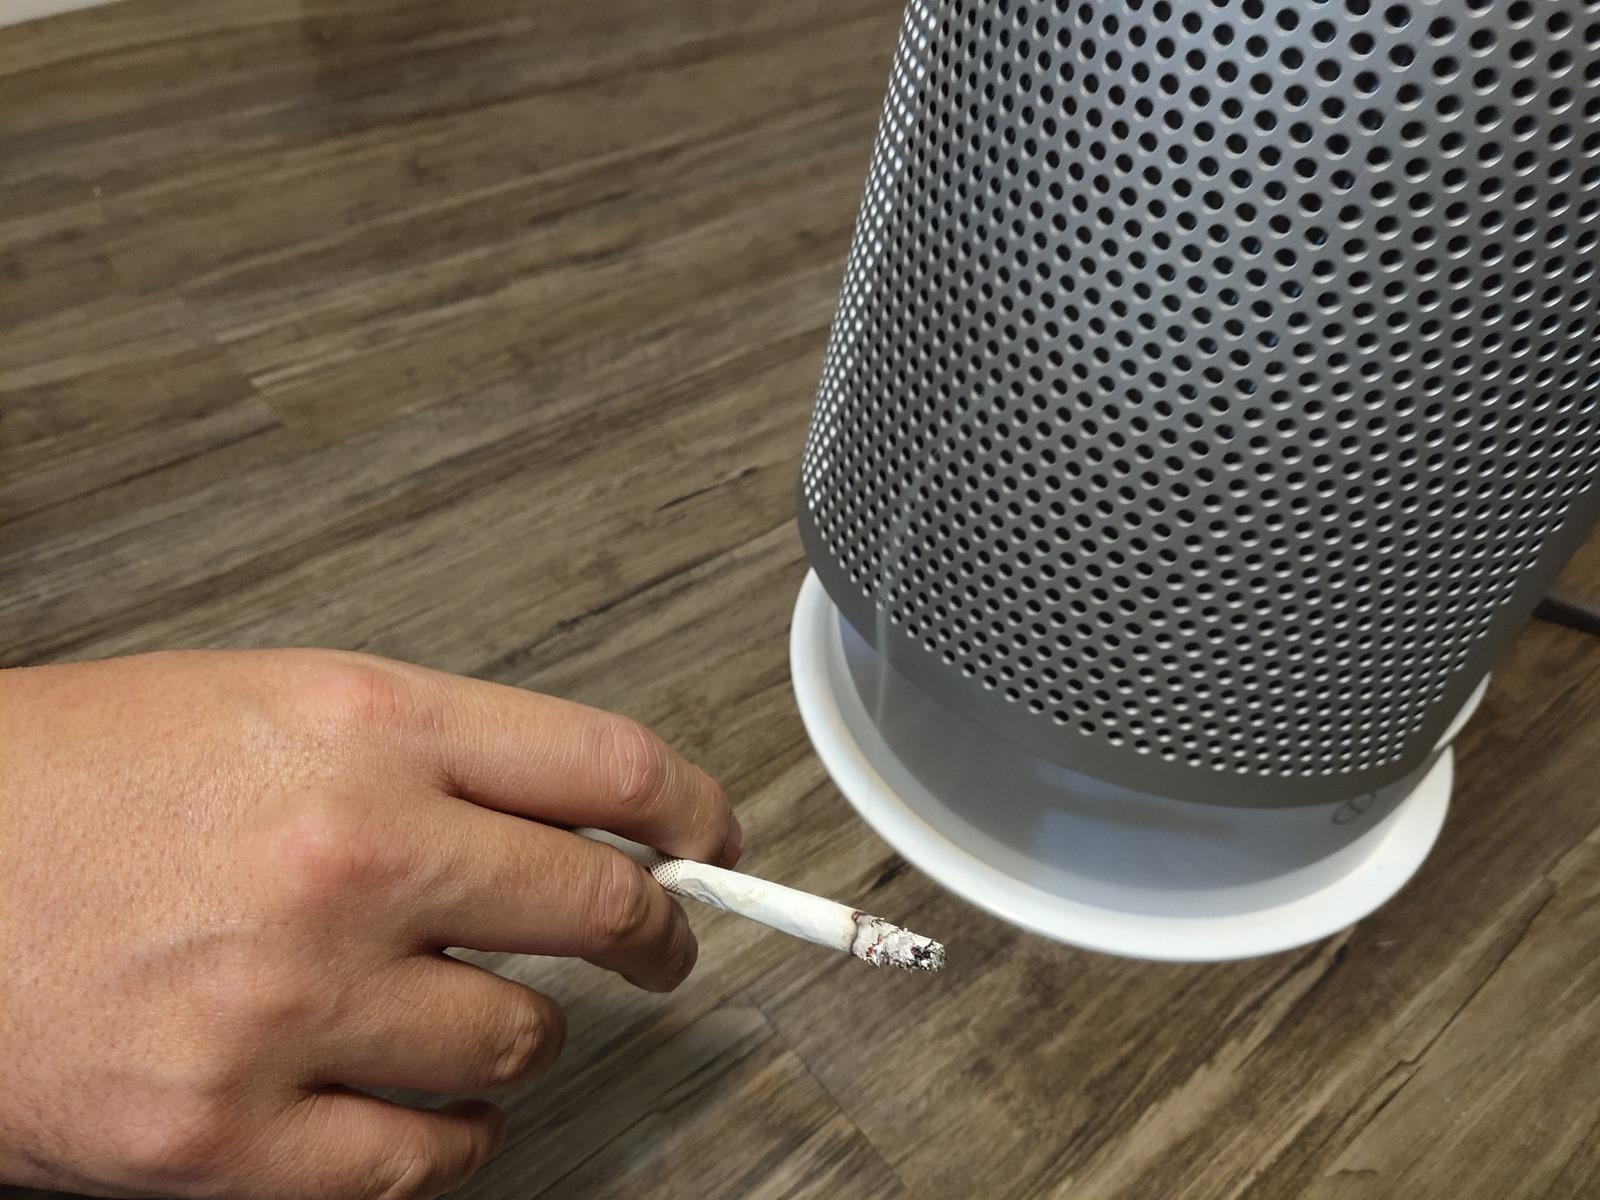 每個人都值得擁有 Dyson Pure Hot+Cool TP04 三合一涼暖空氣清淨機帶來的清爽與乾淨 @3C 達人廖阿輝